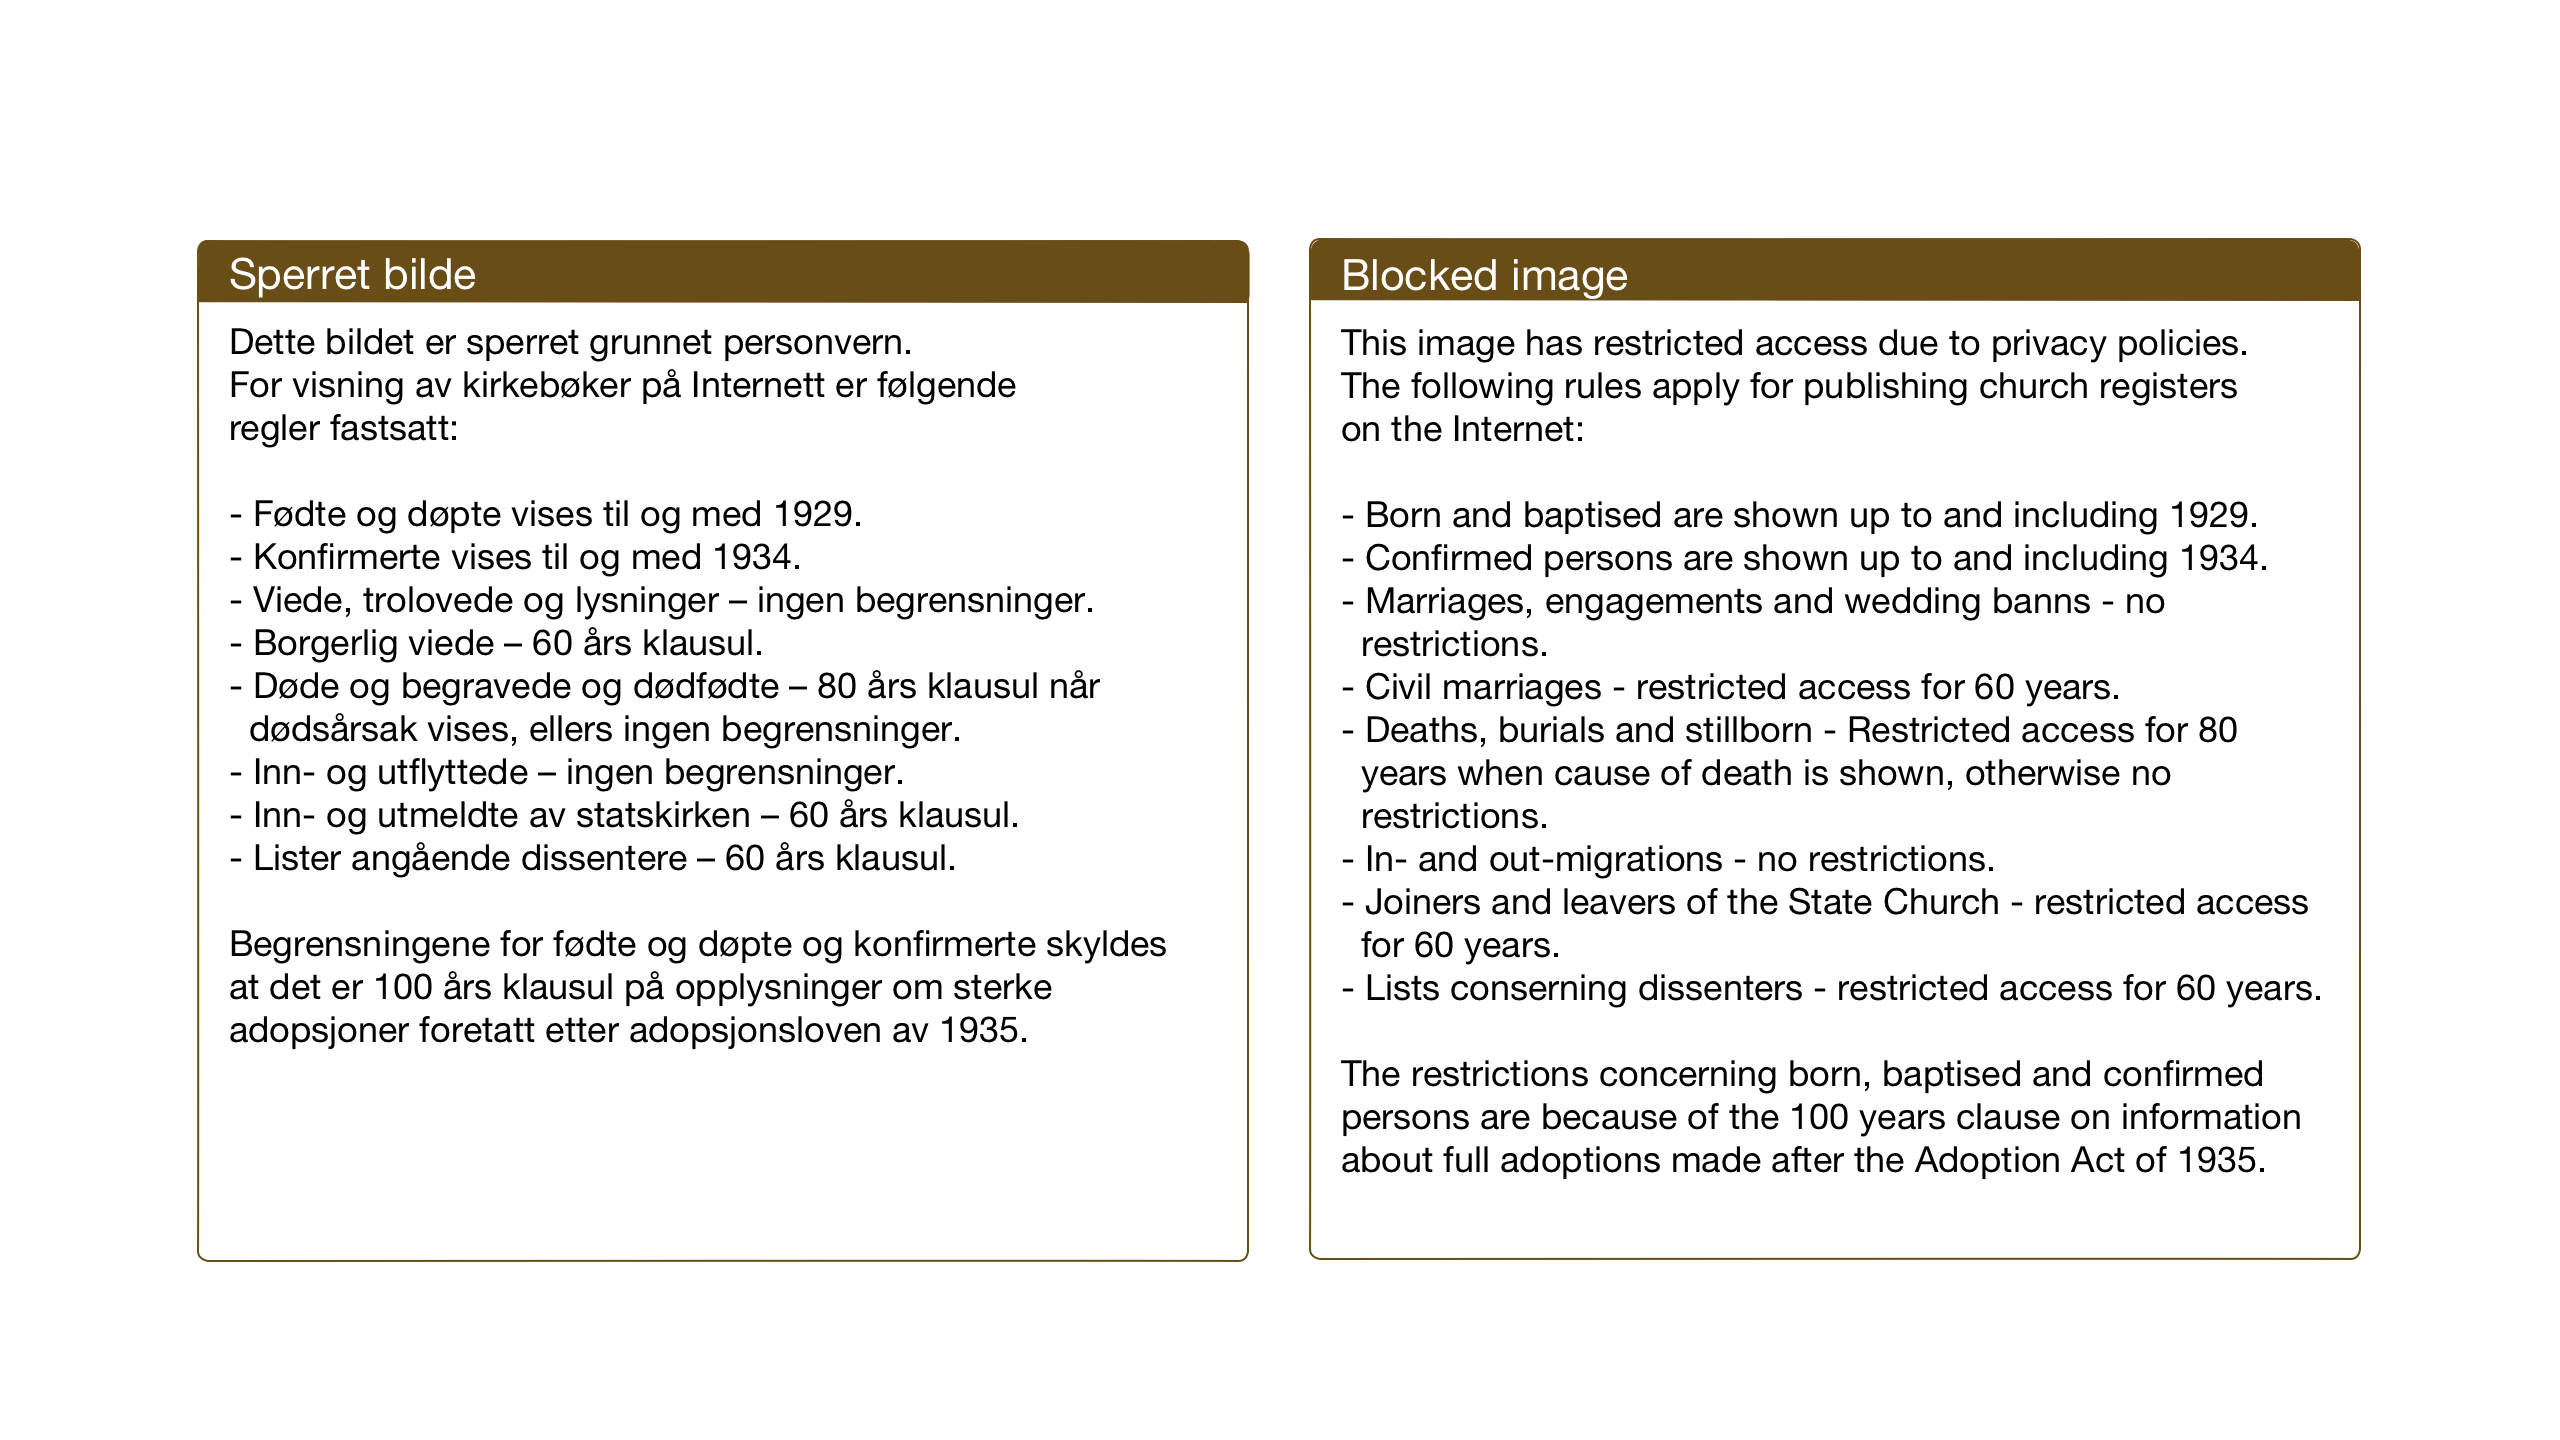 SAT, Ministerialprotokoller, klokkerbøker og fødselsregistre - Nord-Trøndelag, 722/L0227: Klokkerbok nr. 722C03, 1928-1958, s. 73